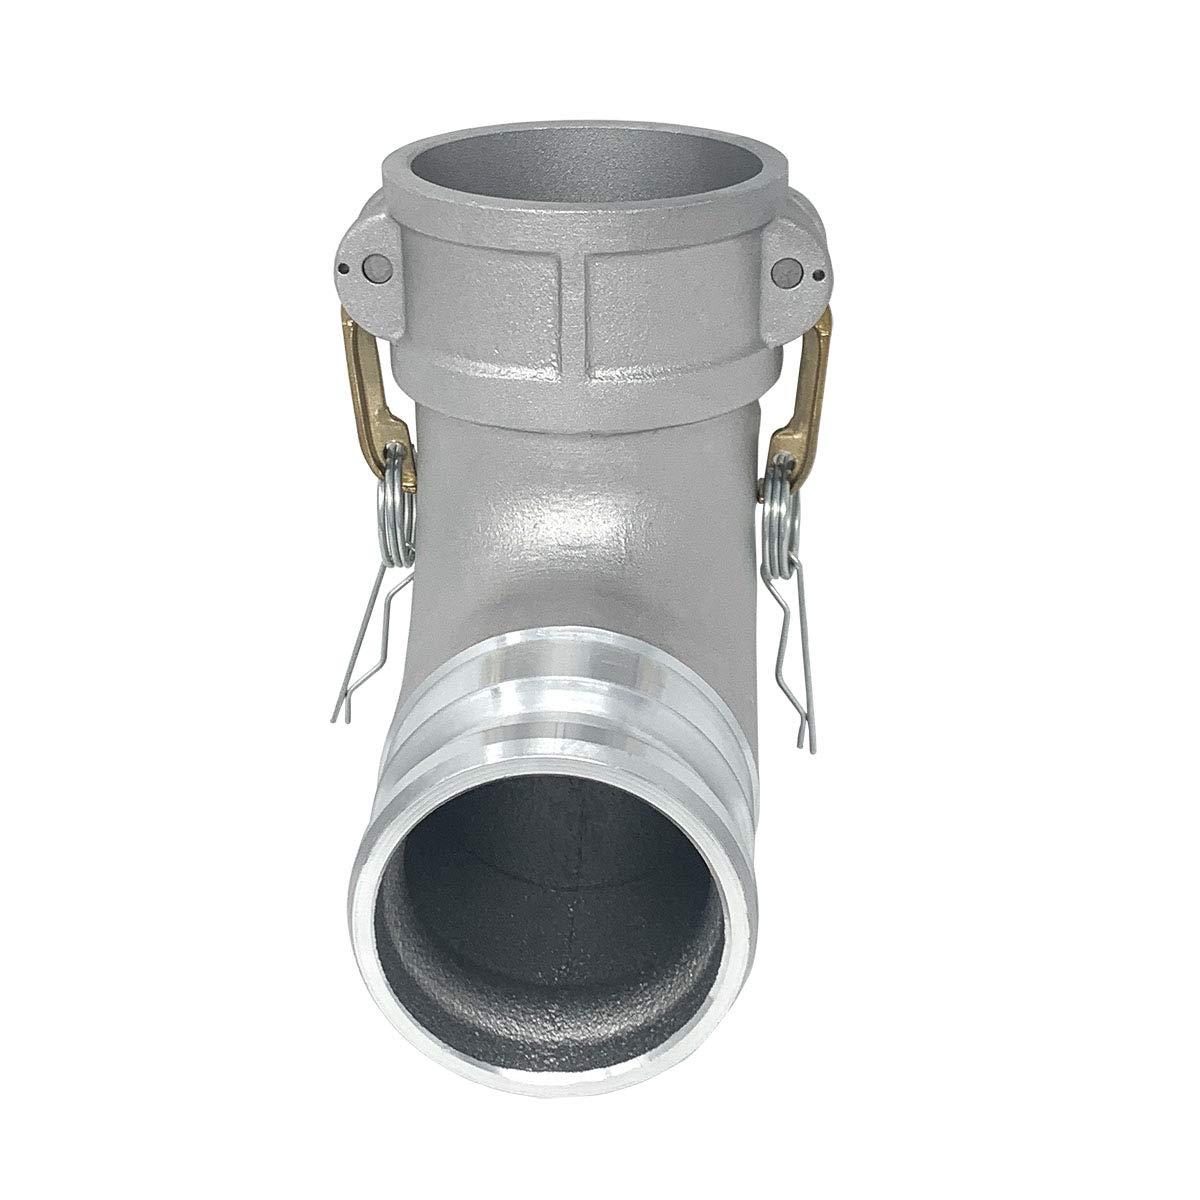 CAM-30-DA90-AL Gloxco Aluminum Type DA Cam and Groove Hose Fitting 90 Degree Elbow 3/″ Female Camlock x 3/″ Male Camlock